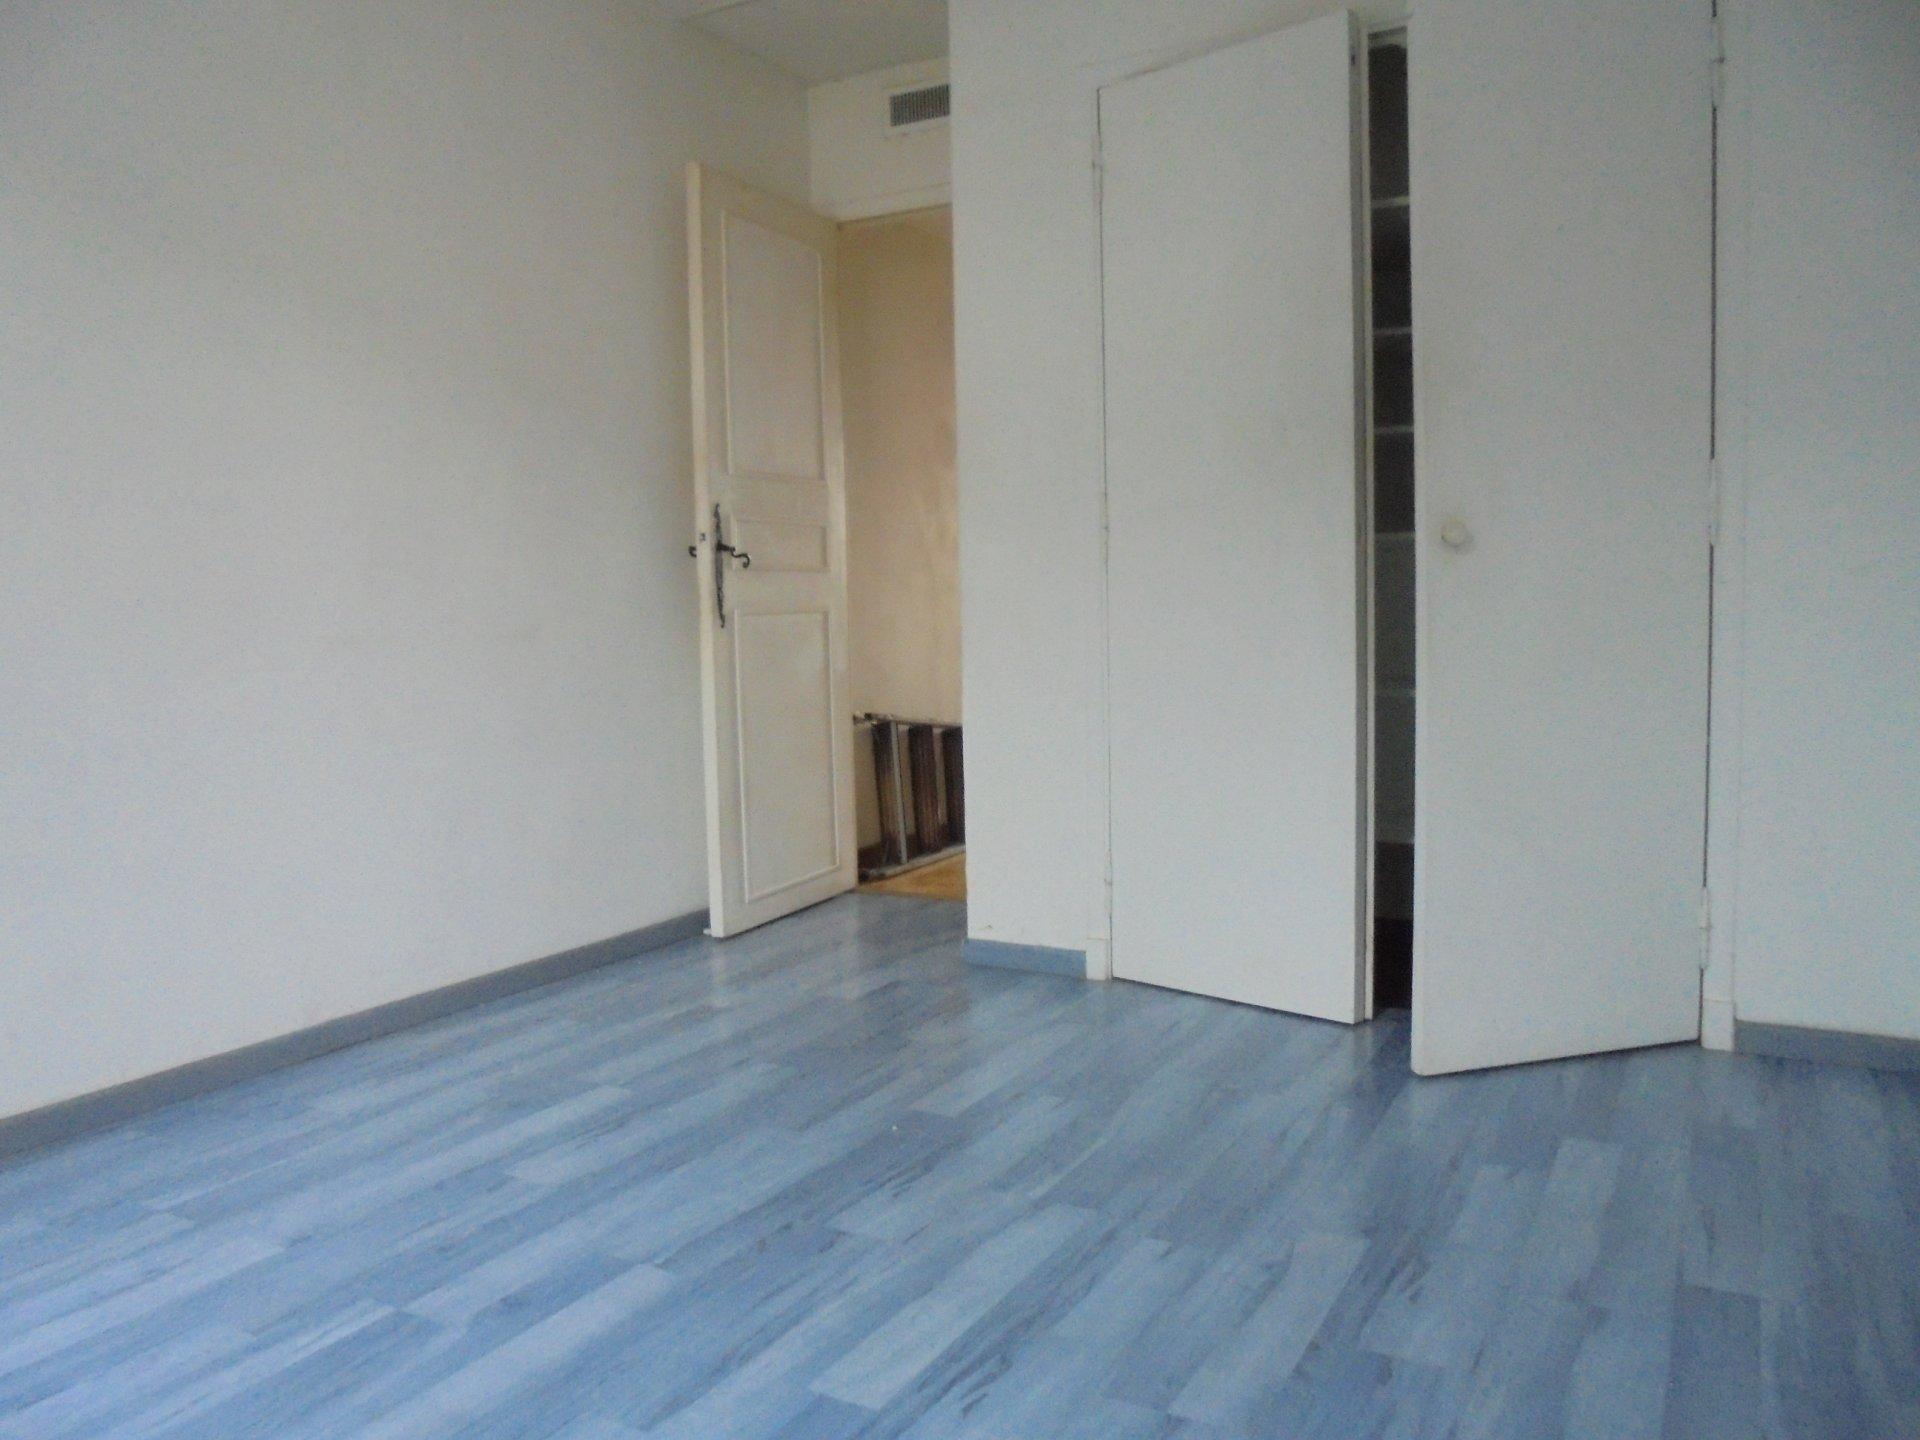 PEYMEINADE, Appartement 3 Pièces en duplex, Salarium, Parking